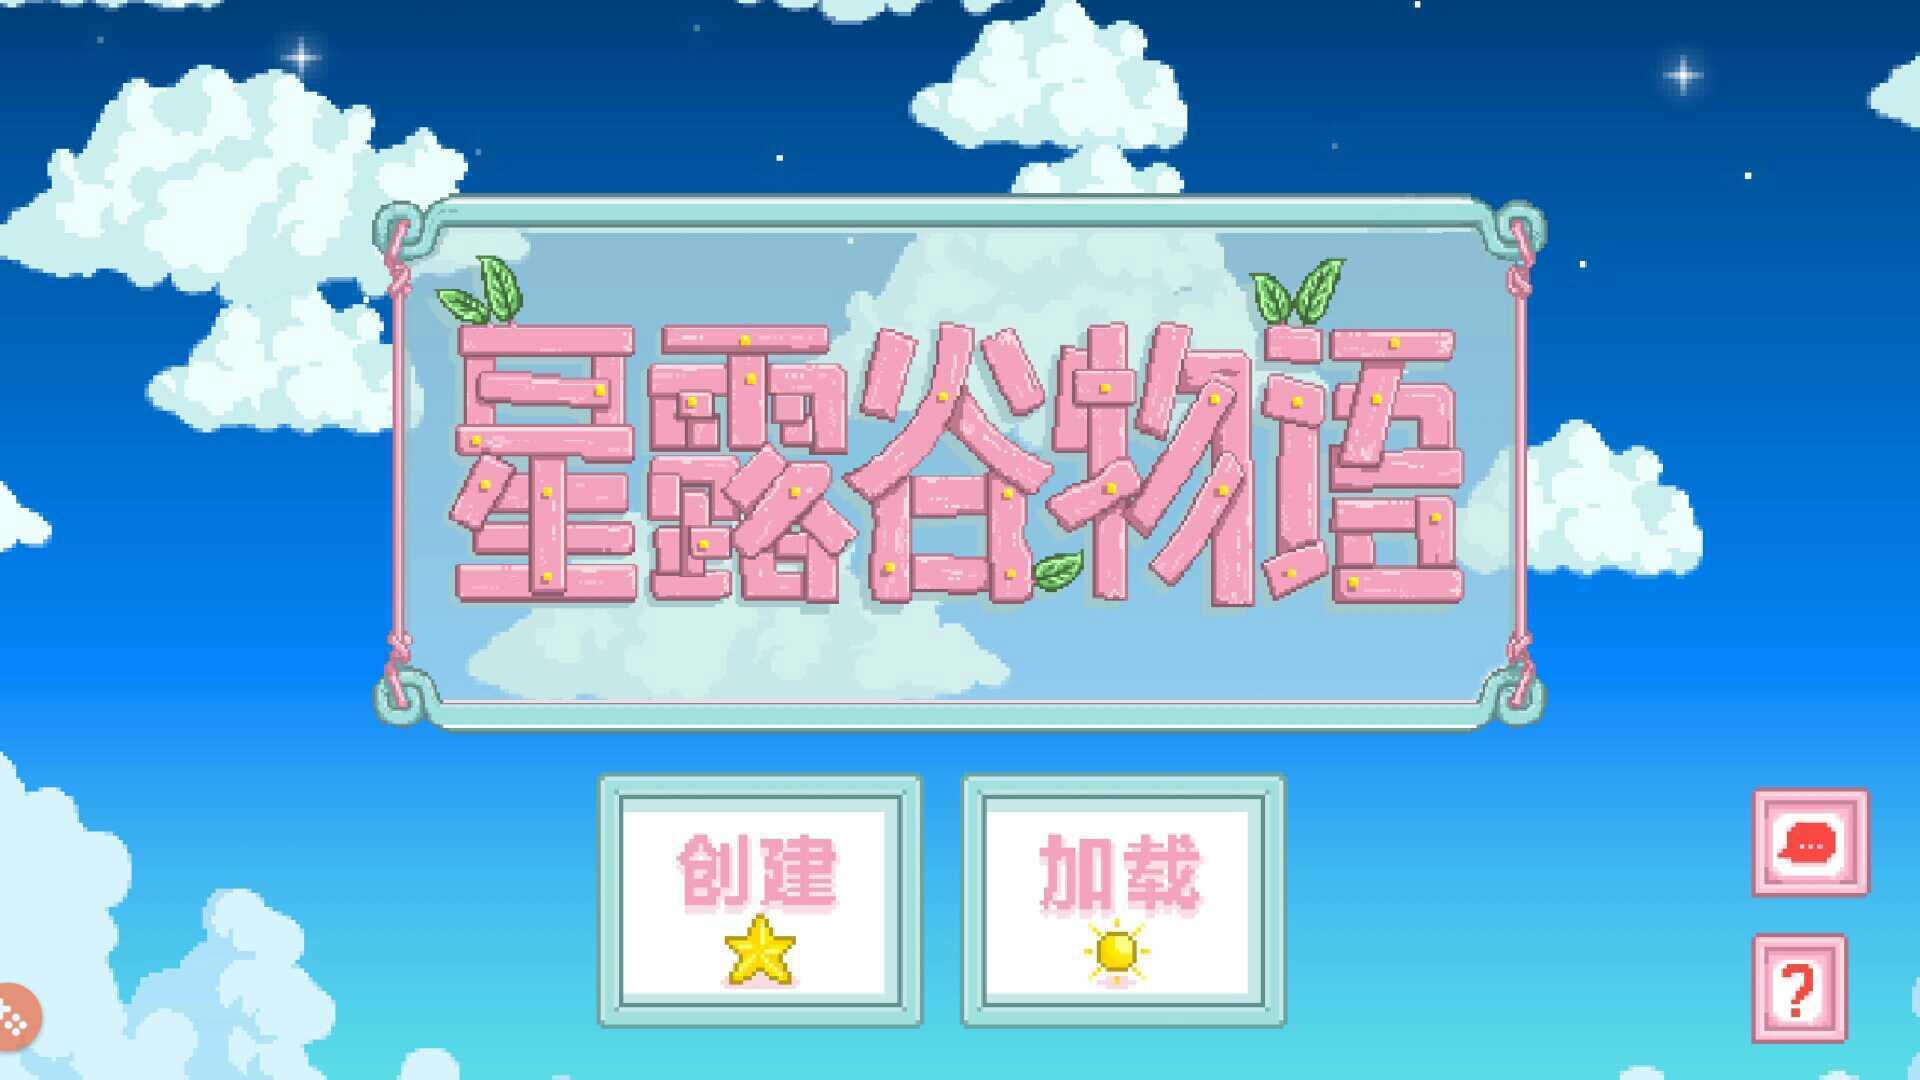 星露谷物语汉化美化版